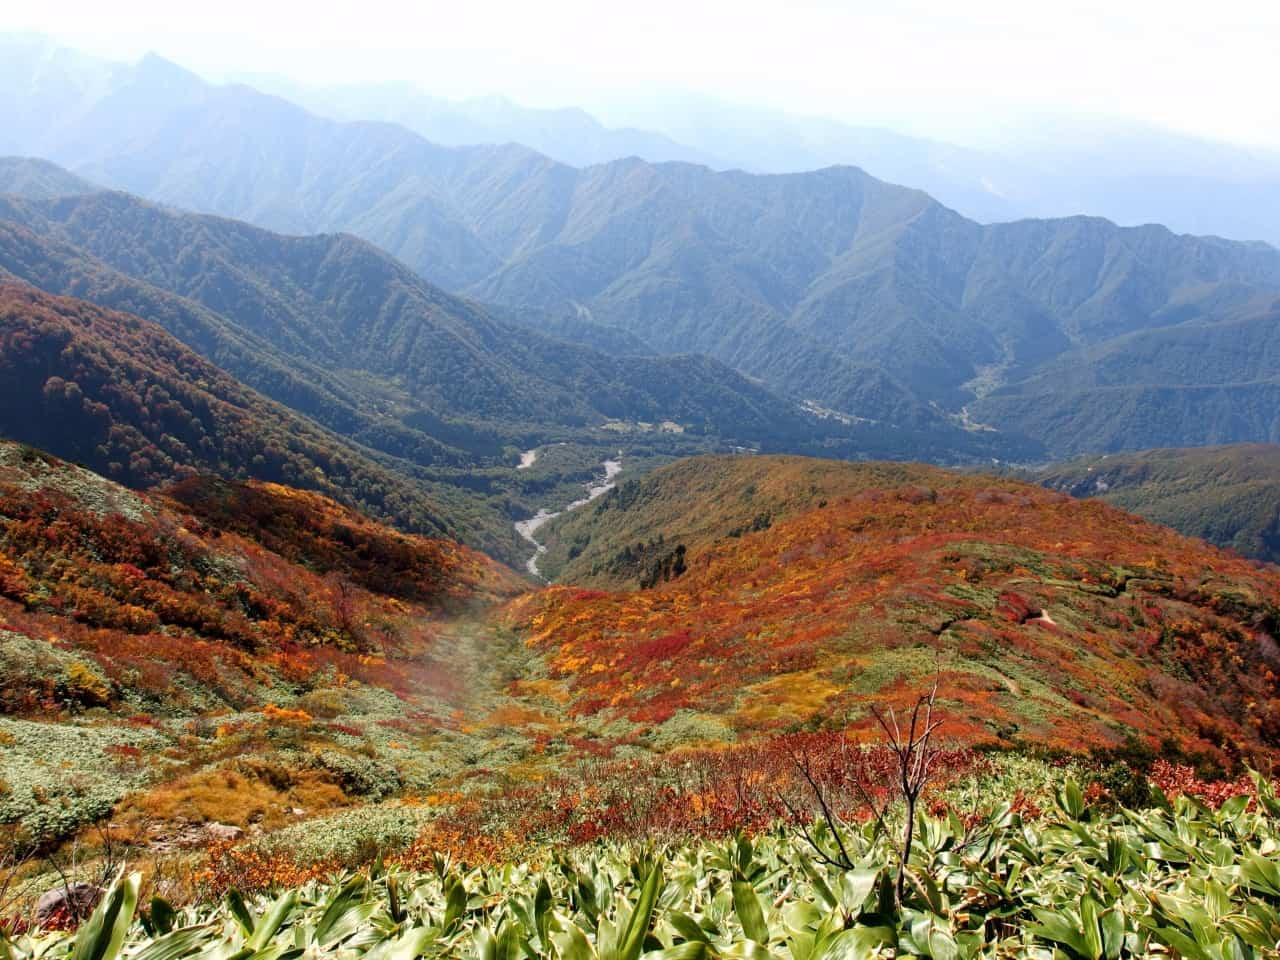 ทิวทัศน์ของเทือกเขาในฤดูใบไม้ร่วงที่จังหวัดนีงาตะ